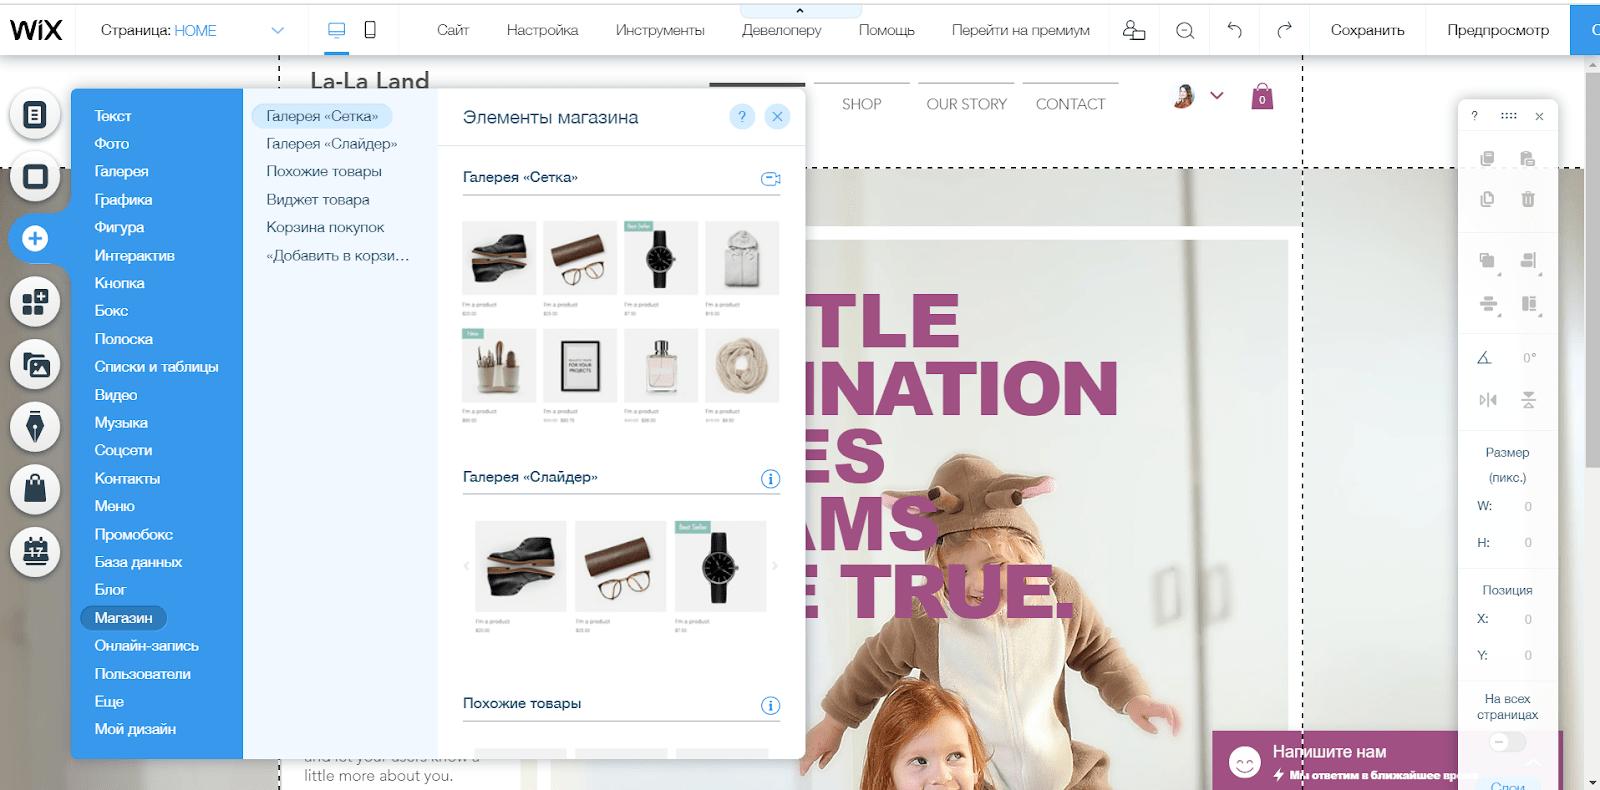 Многофункциональный редактор. Есть и элементы, и готовые блоки (полосы), и специальные блоки для интернет-магазинов (галерея, похожие товары, корзина)